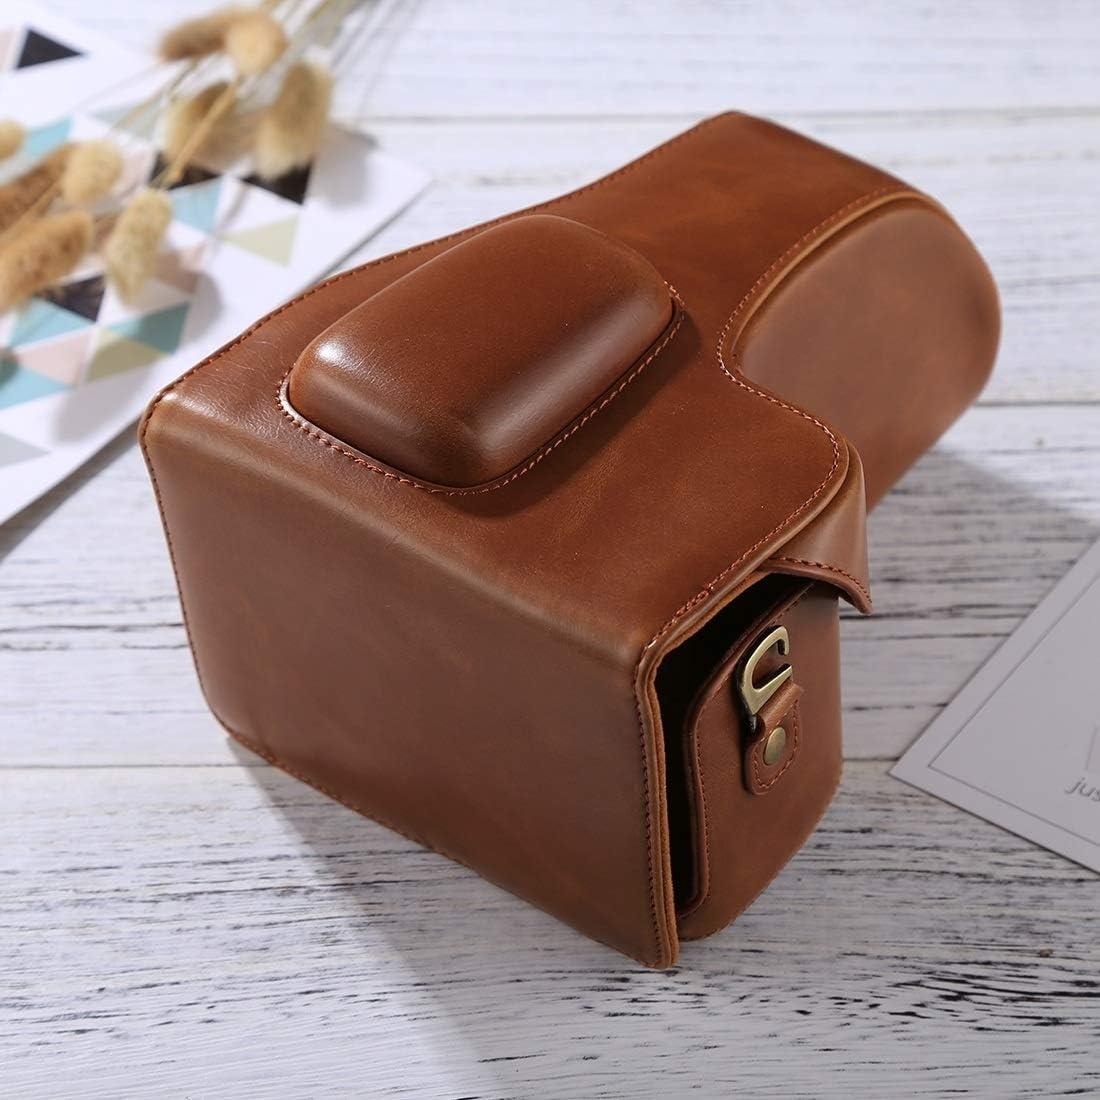 Black Xdashou Camera Bag Wuzpx Wide Body Camera PU Leather Case Bag for Nikon D3200 // D3300 // D3400 Color : Brown 18-55mm // 18-105mm Lens